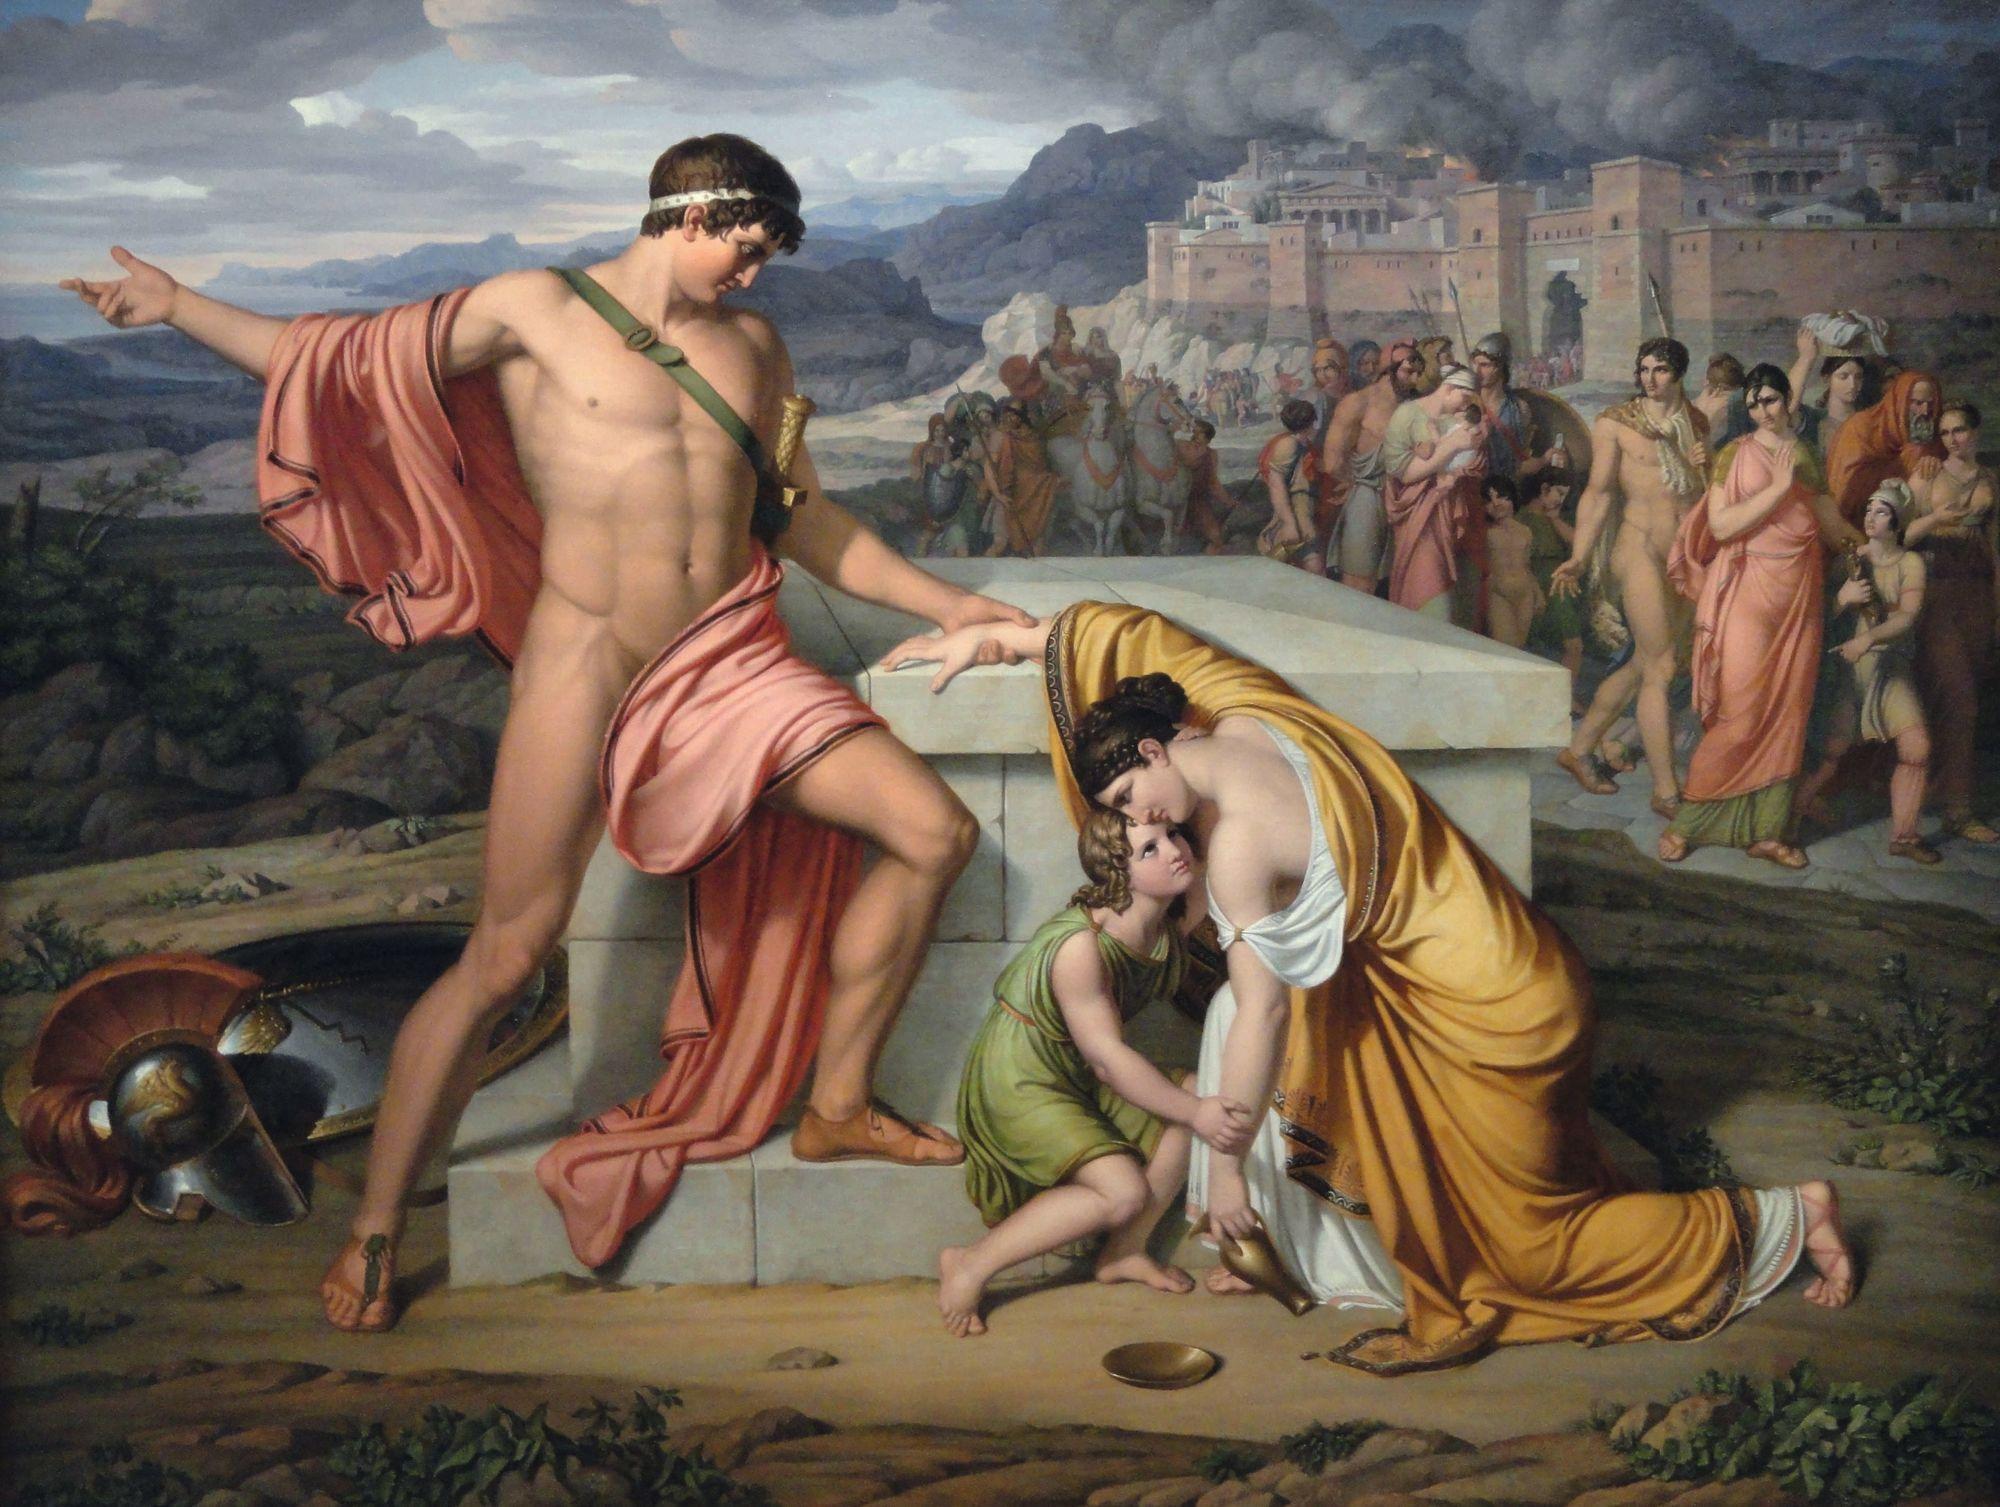 Johan Ludwig Lund, Pyrrhus et Andromaque sur la tombe d'Hector, 1807 - 1811, Galerie nationale du Danemark, Copenhague.